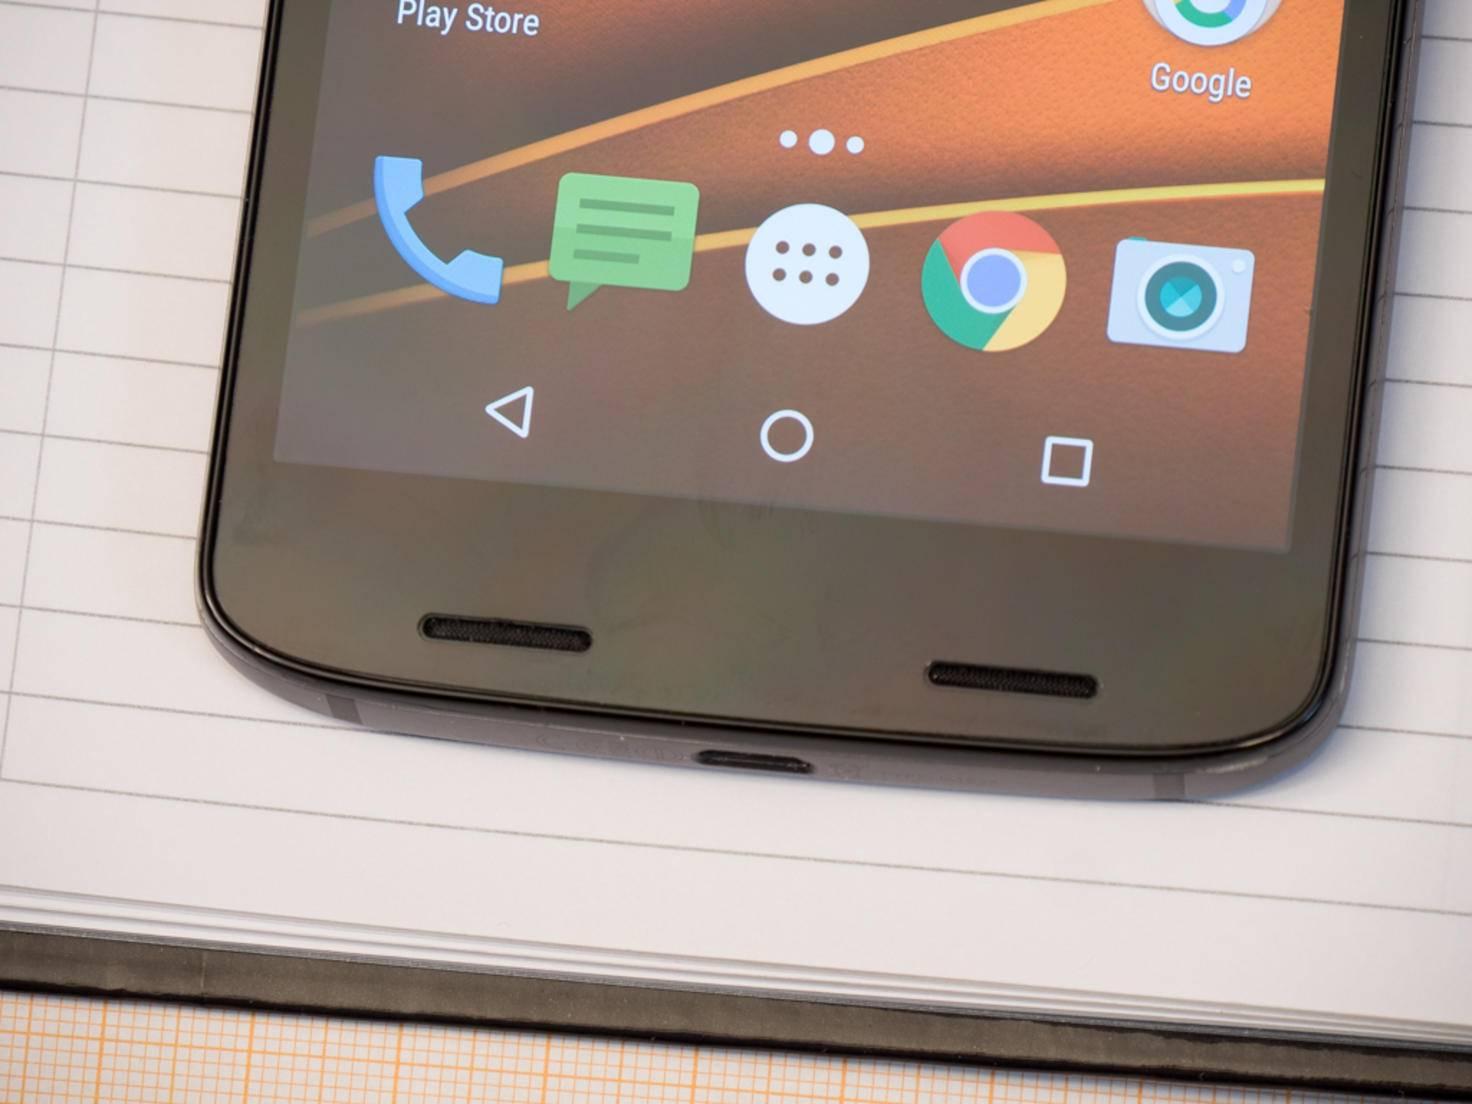 Das Display wirkt unauffällig, ist jedoch das Highlight des Smartphones.